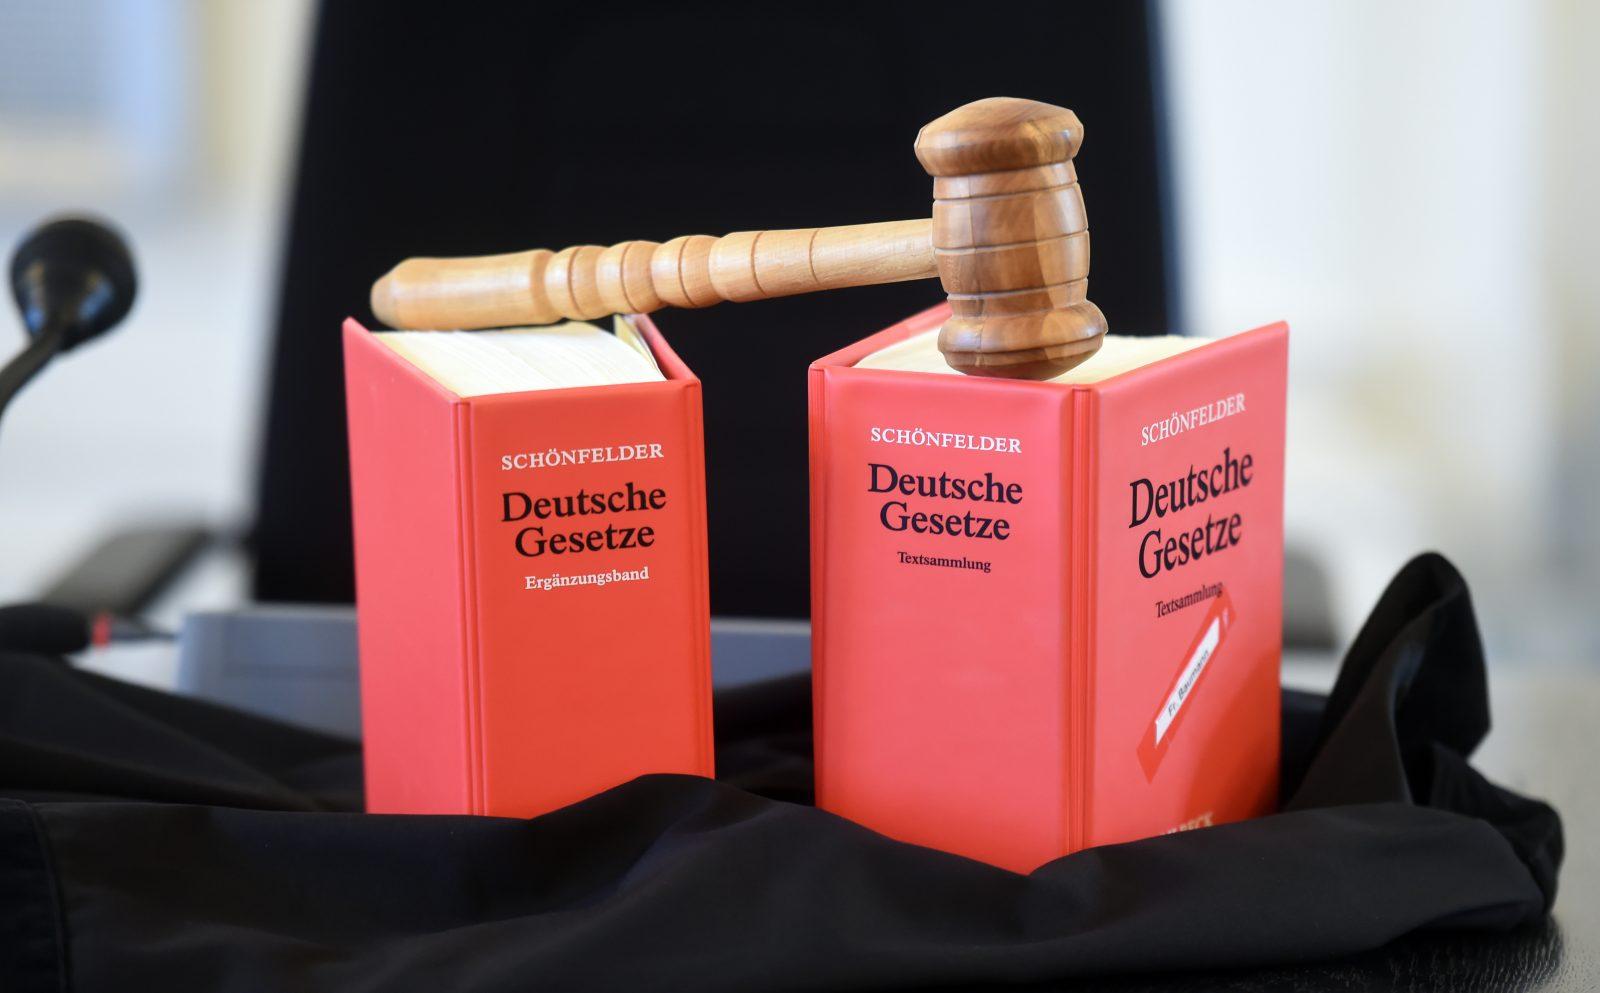 Das Amtsgericht München verurteilte die Angehörige der linken Szene zu einer Bewährungsstrafe (Symbolbild) Foto: picture alliance / dpa | Uli Deck